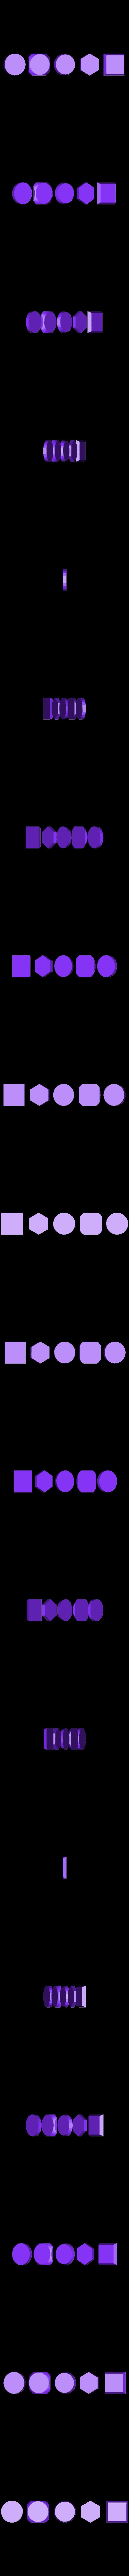 Mini_Bases.stl Télécharger fichier STL gratuit Bases Collection _Textures • Objet pour imprimante 3D, 3D-mon